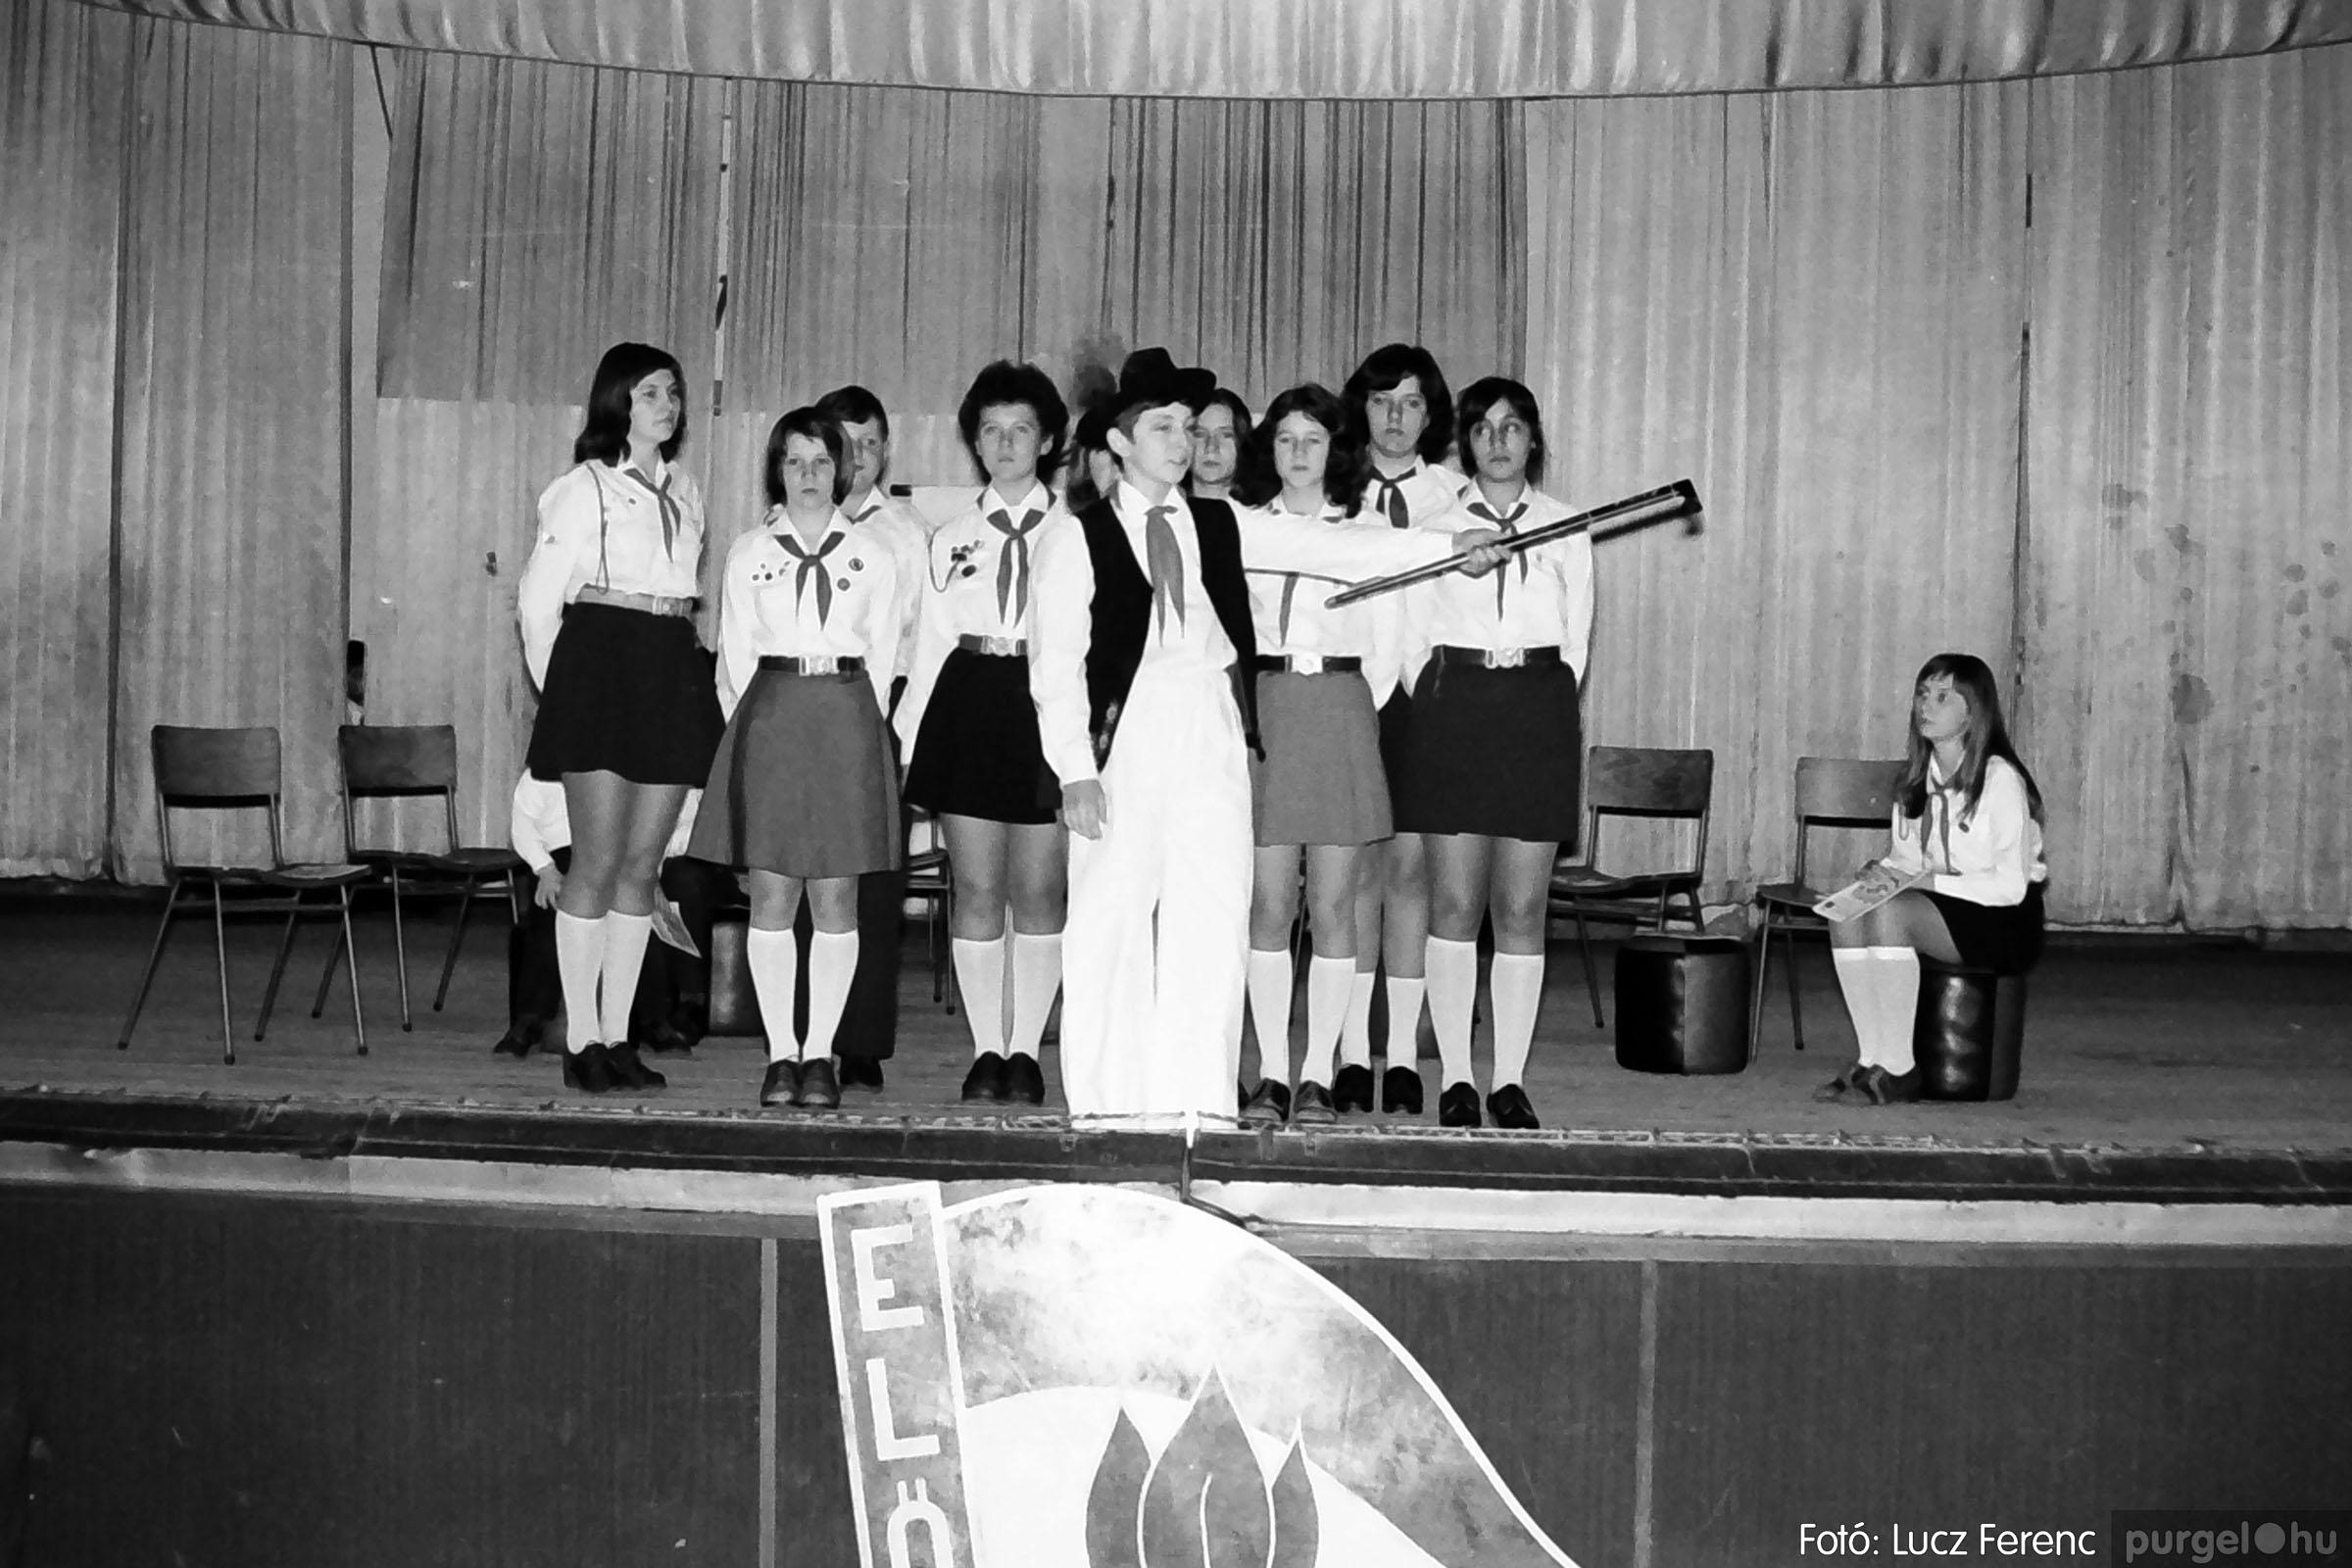 036-037. 1976. Diákprogram a kultúrházban 020 - Fotó: Lucz Ferenc.jpg